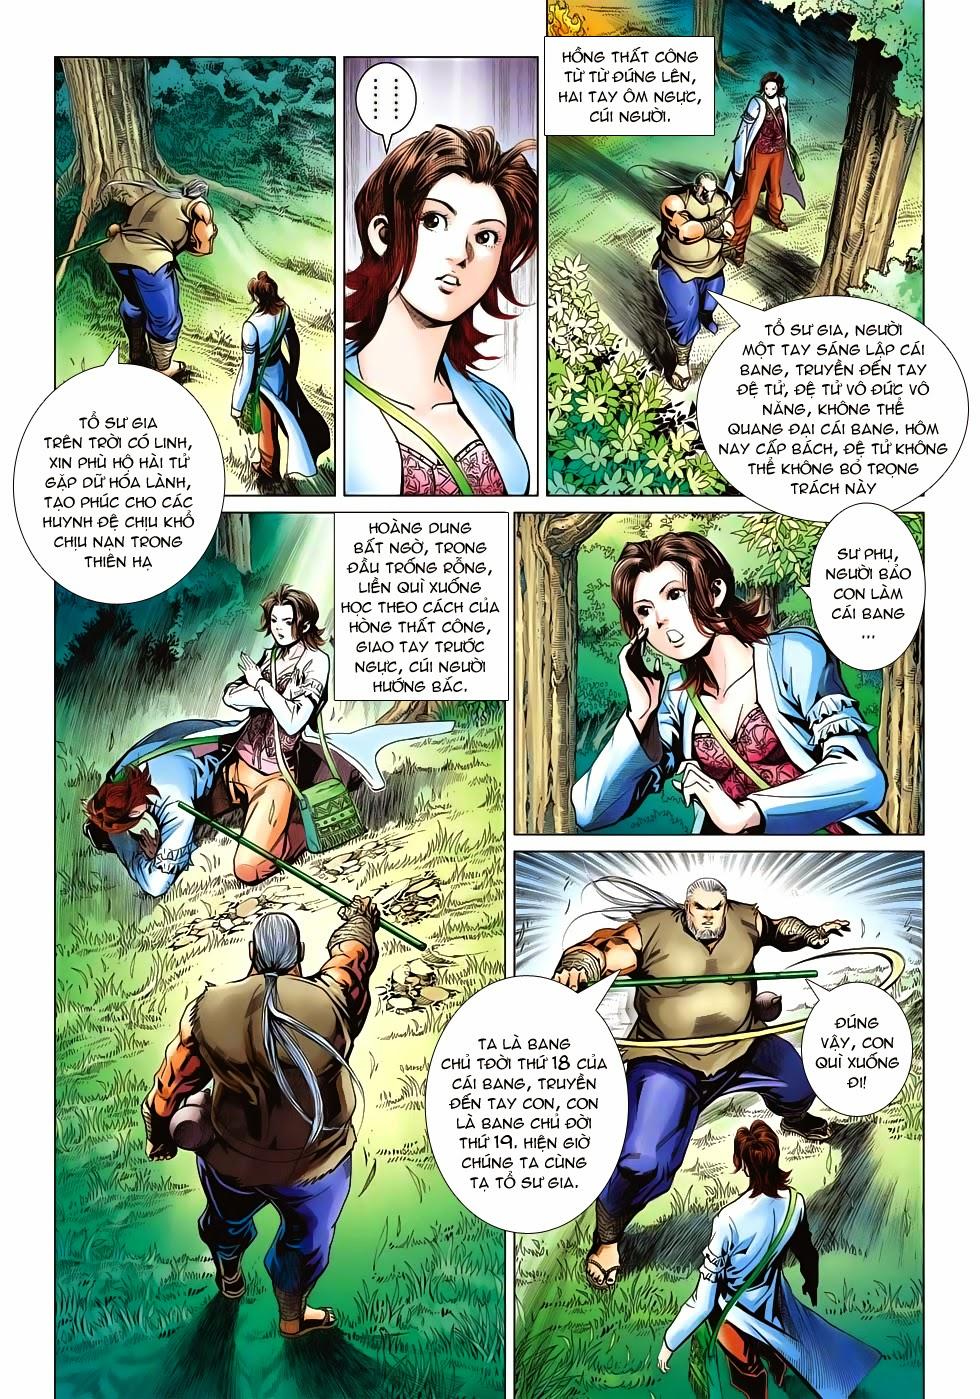 Anh Hùng Xạ Điêu anh hùng xạ đêu chap 53: lâm nguy thụ mệnh đả cẩu học pháp trang 30